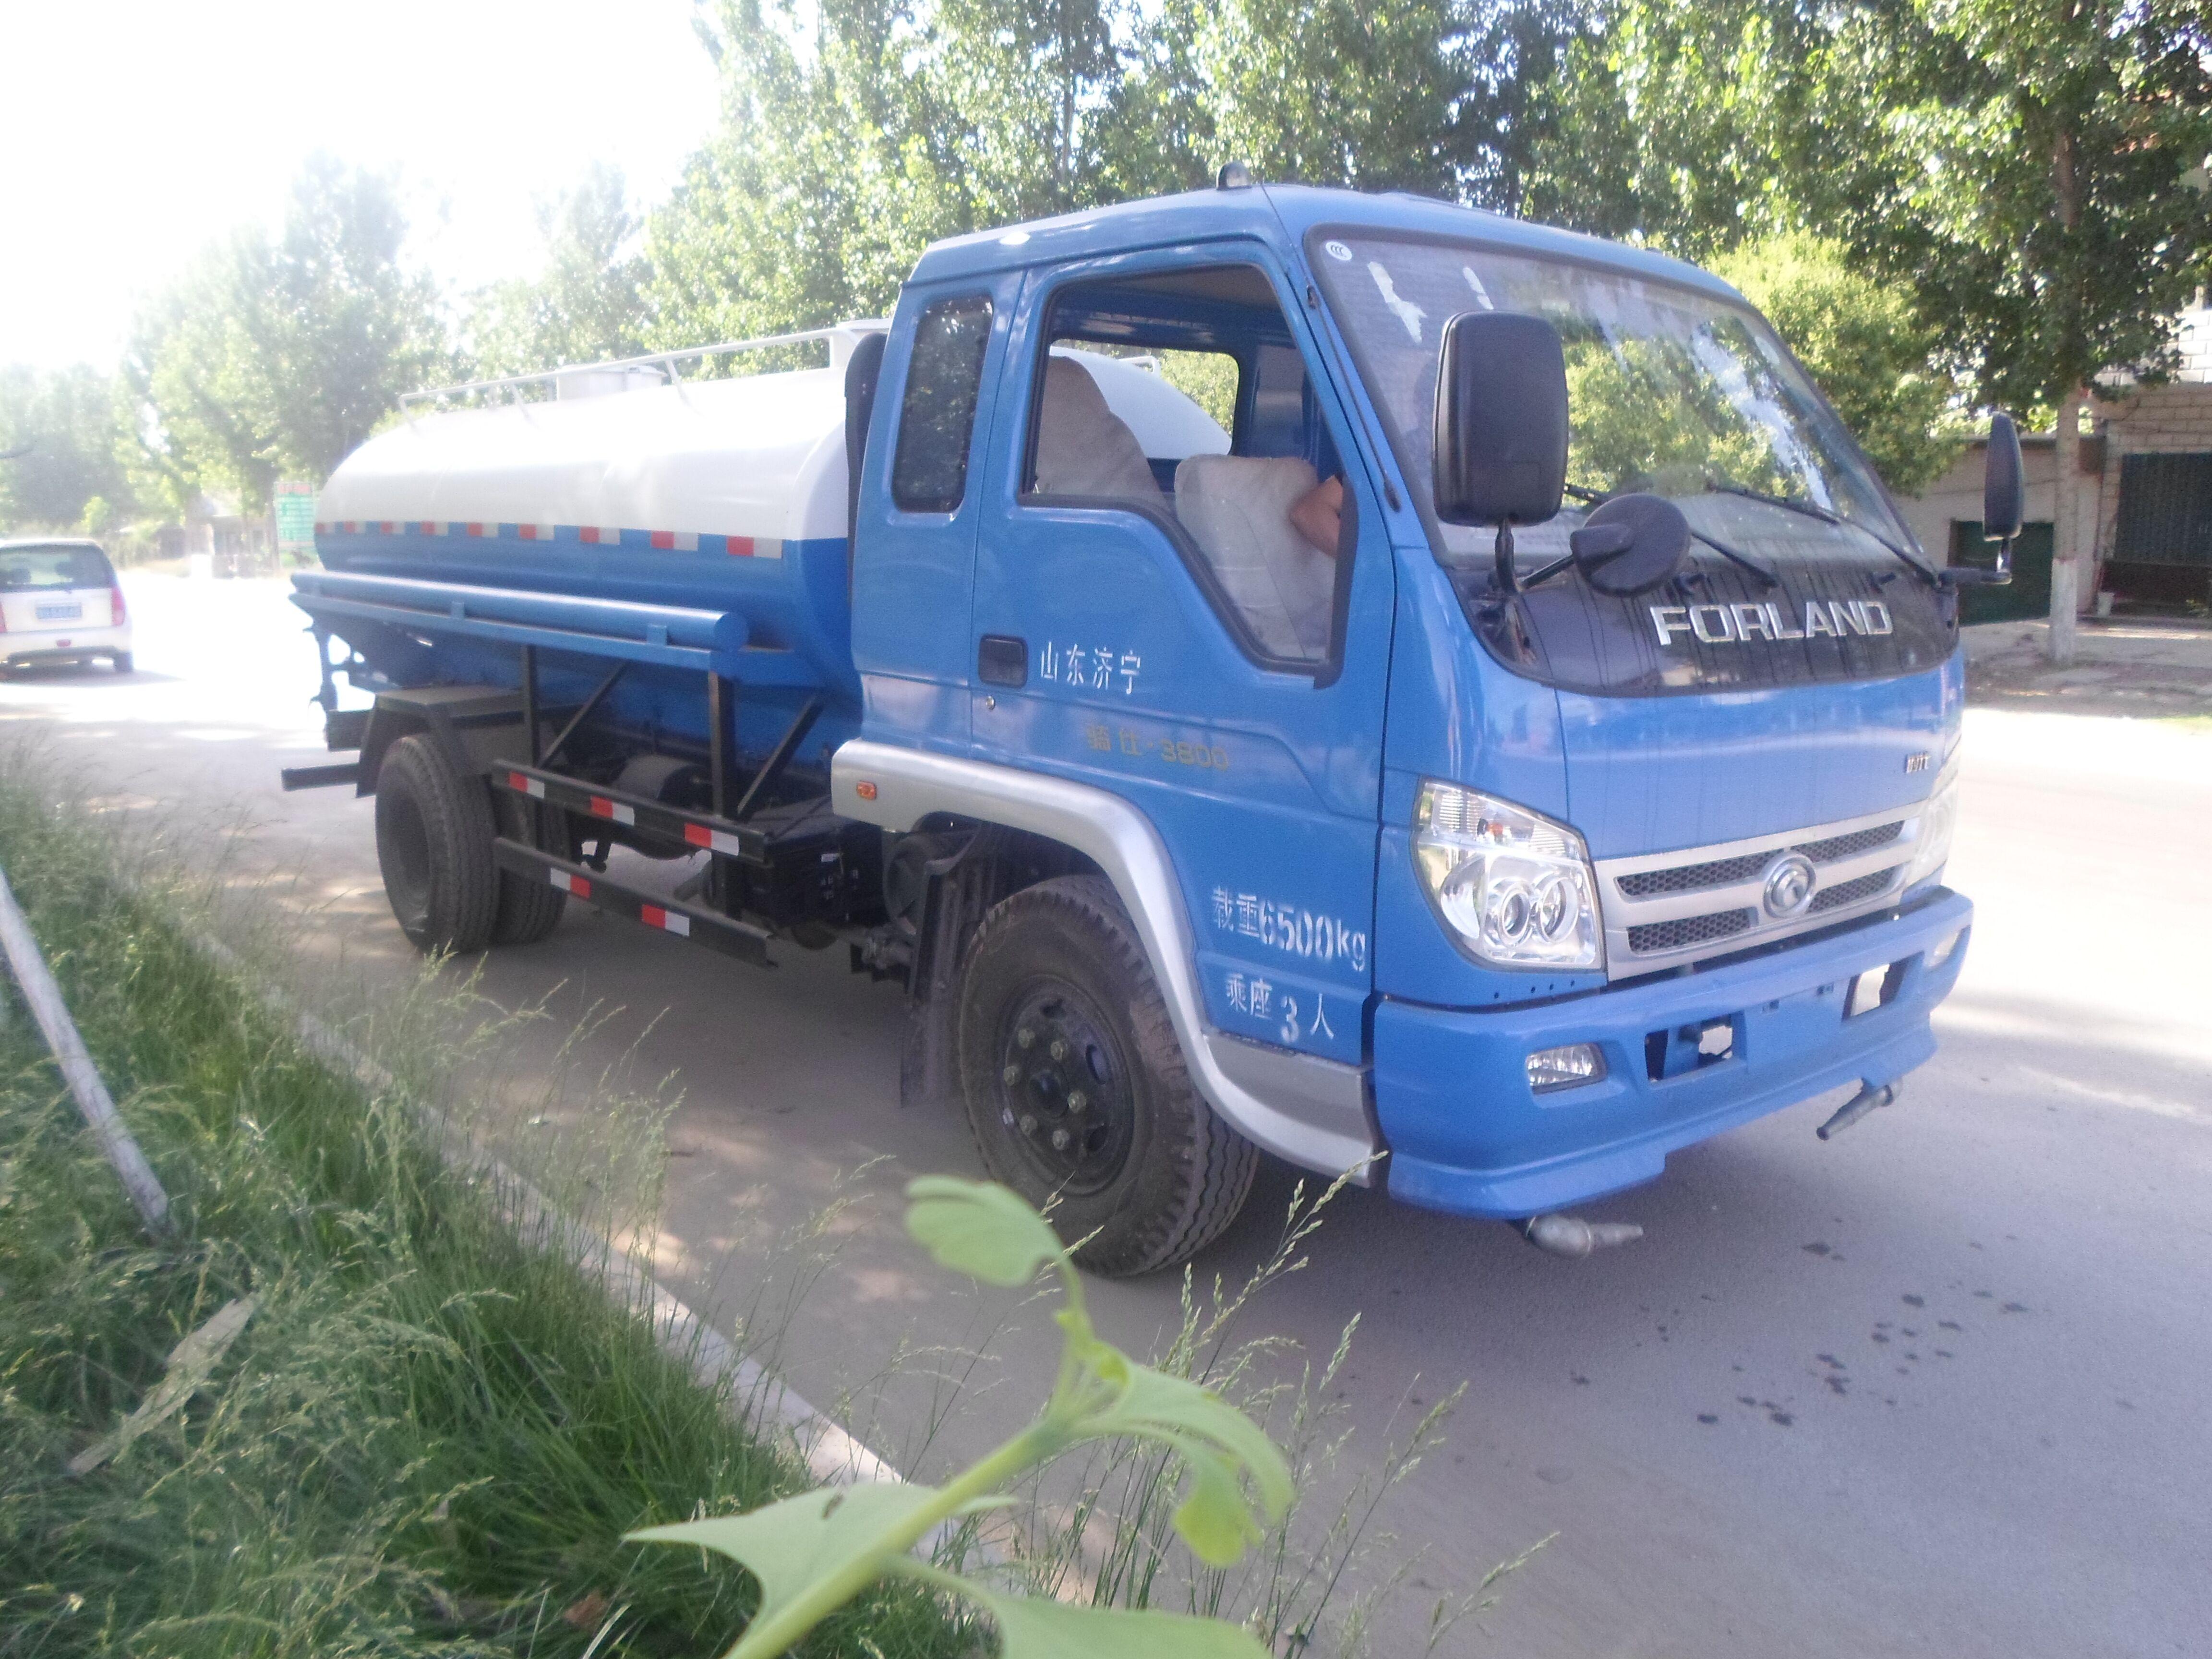 供应5吨吸污车车厂家山东东风金霸吸污车哪里卖